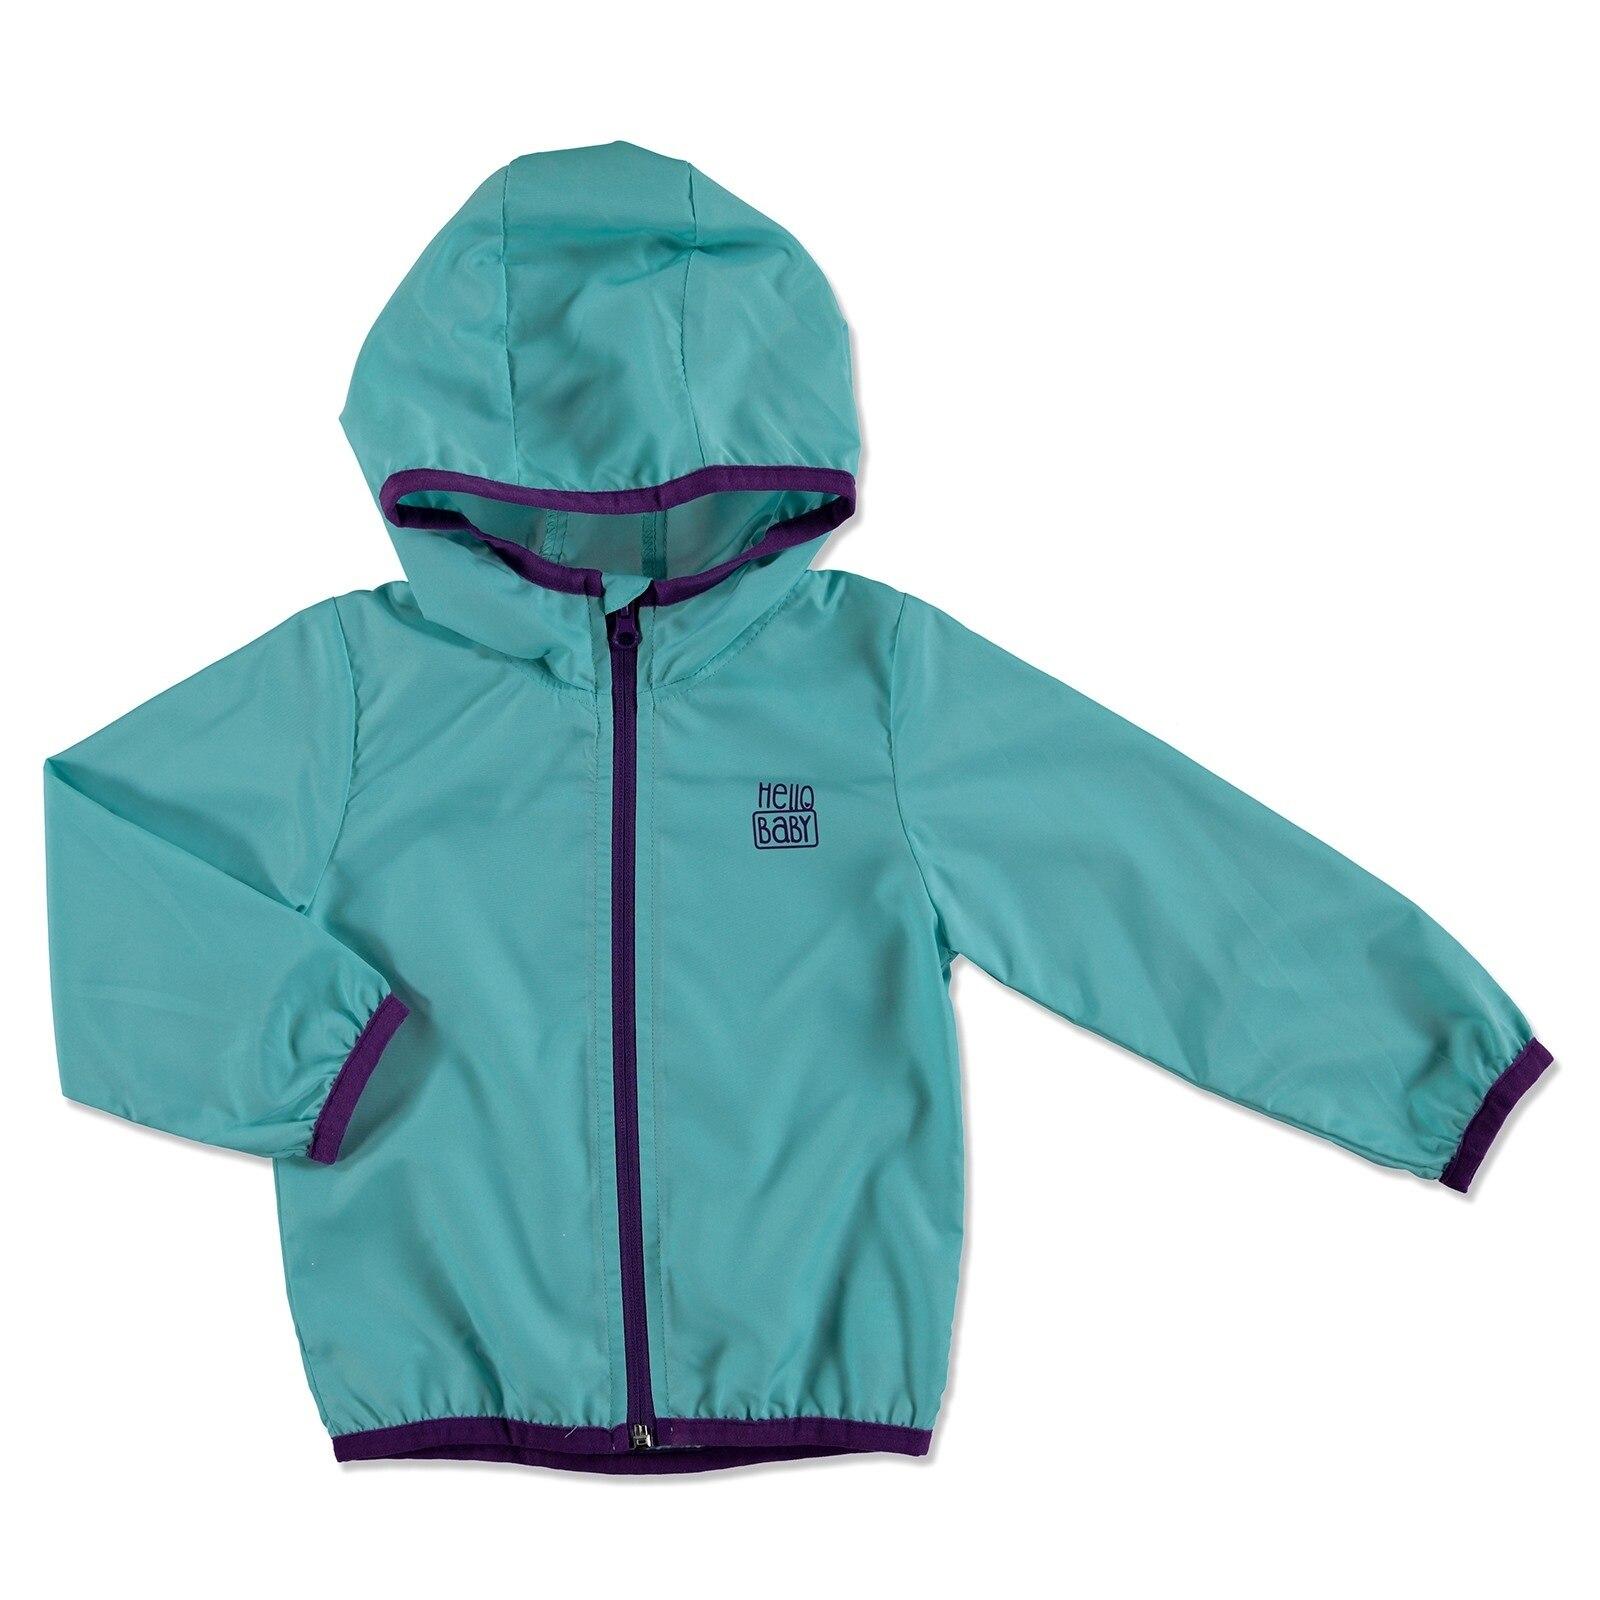 Ebebek HelloBaby Basic Baby Rain Coat